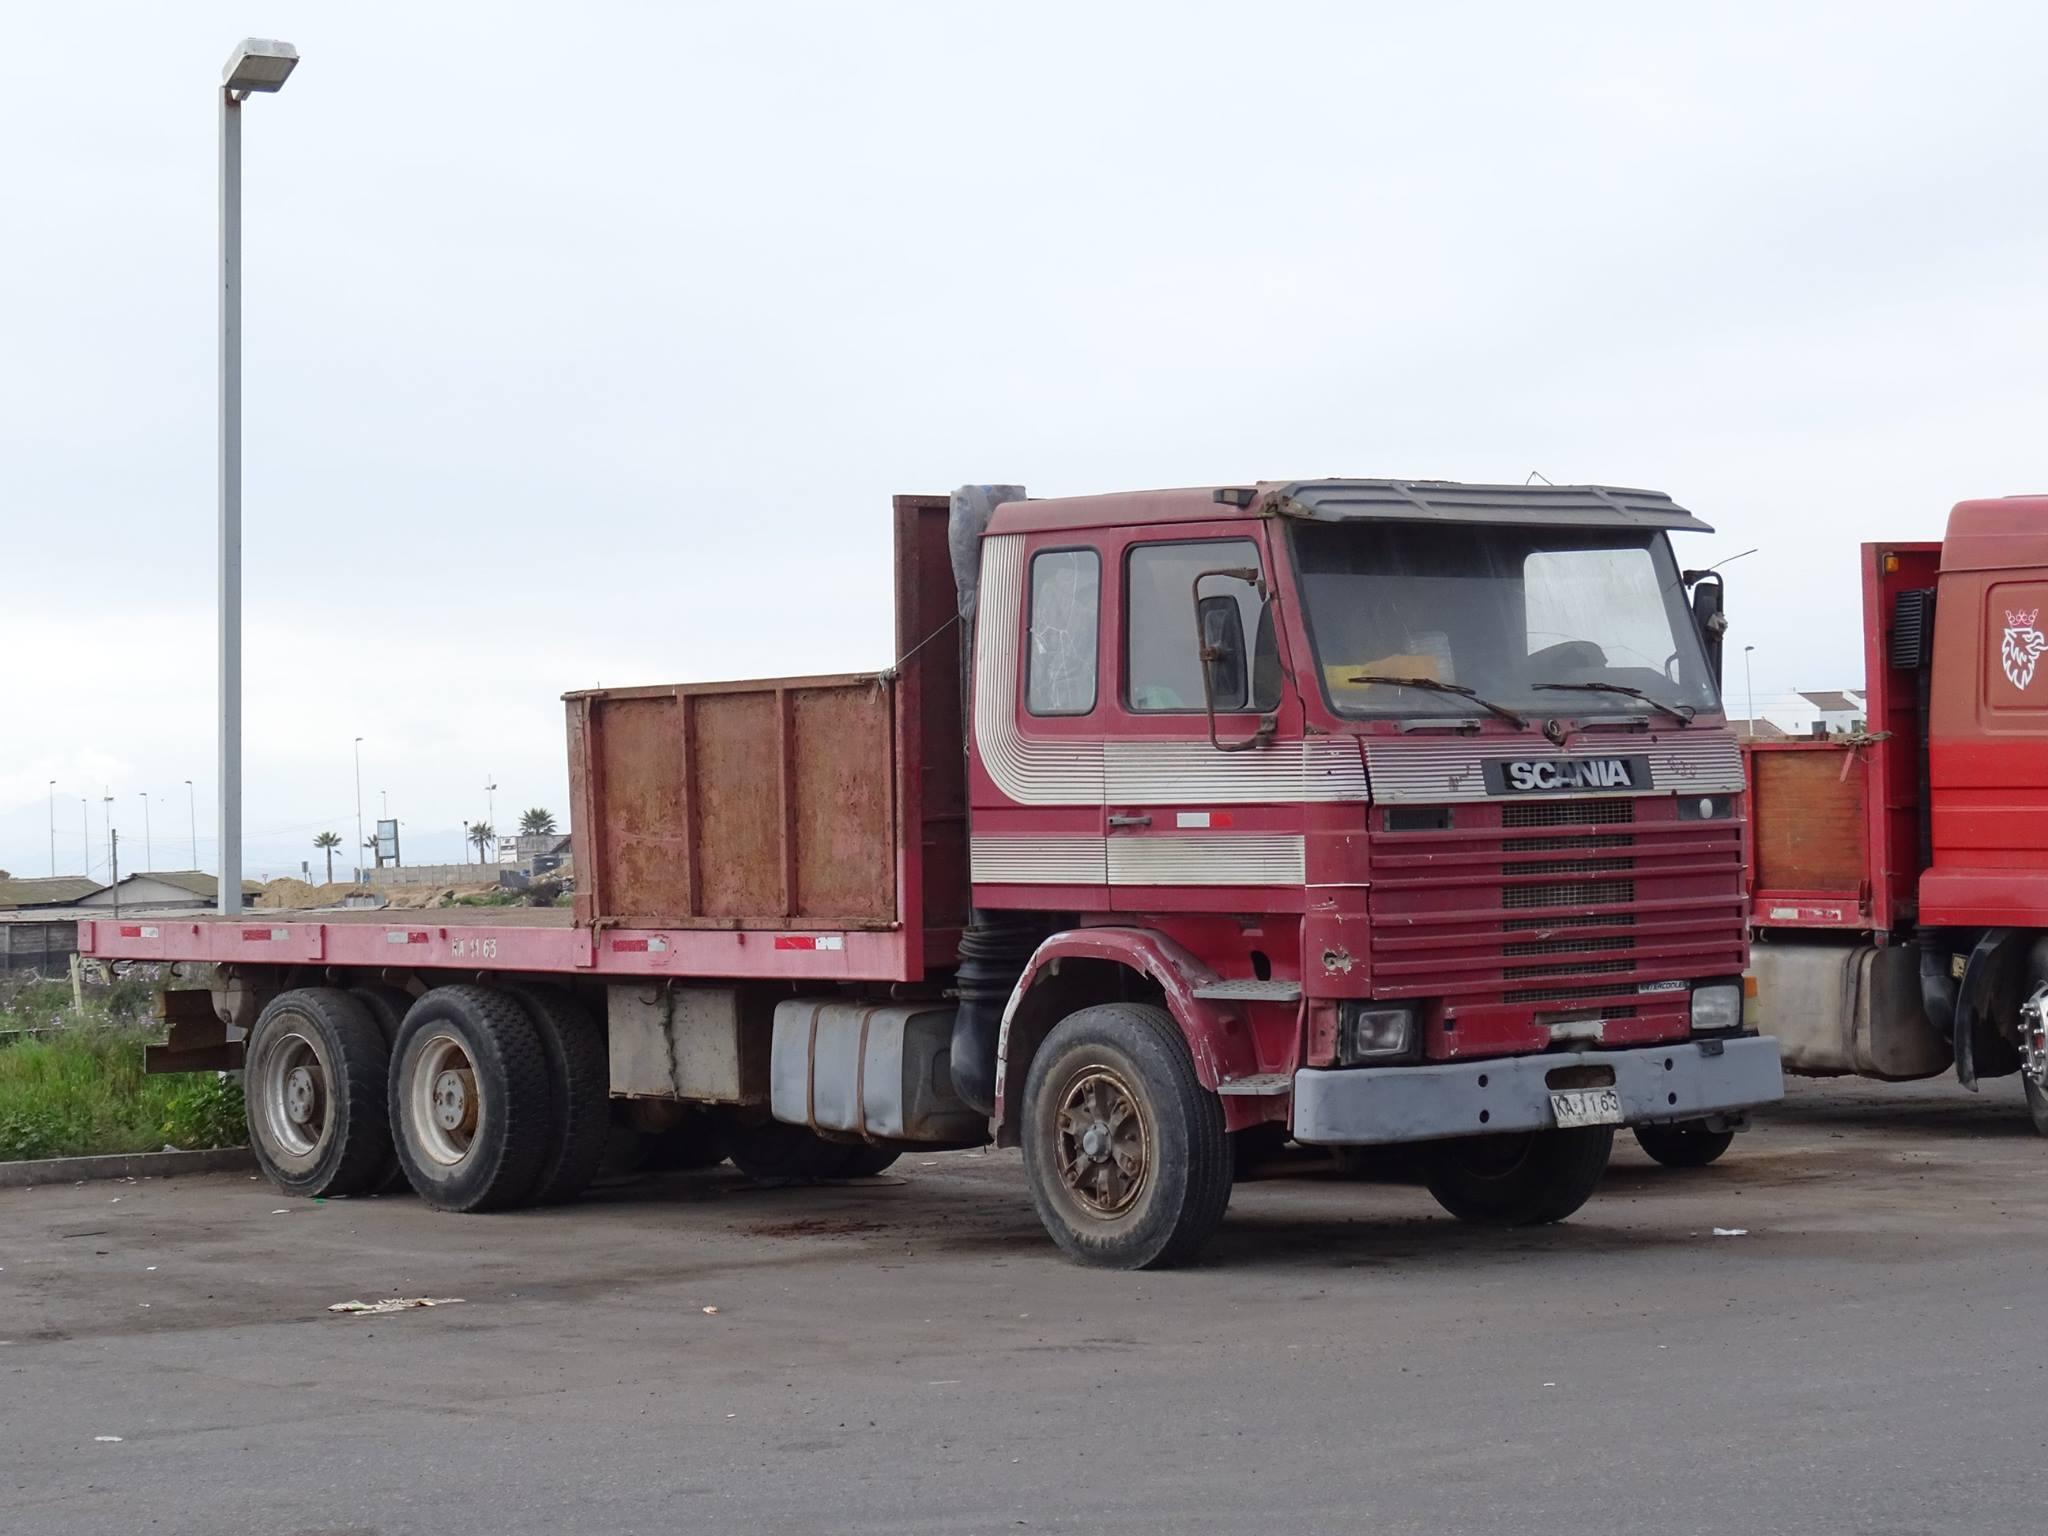 Camiones-vieja-escuela-olvidados-54